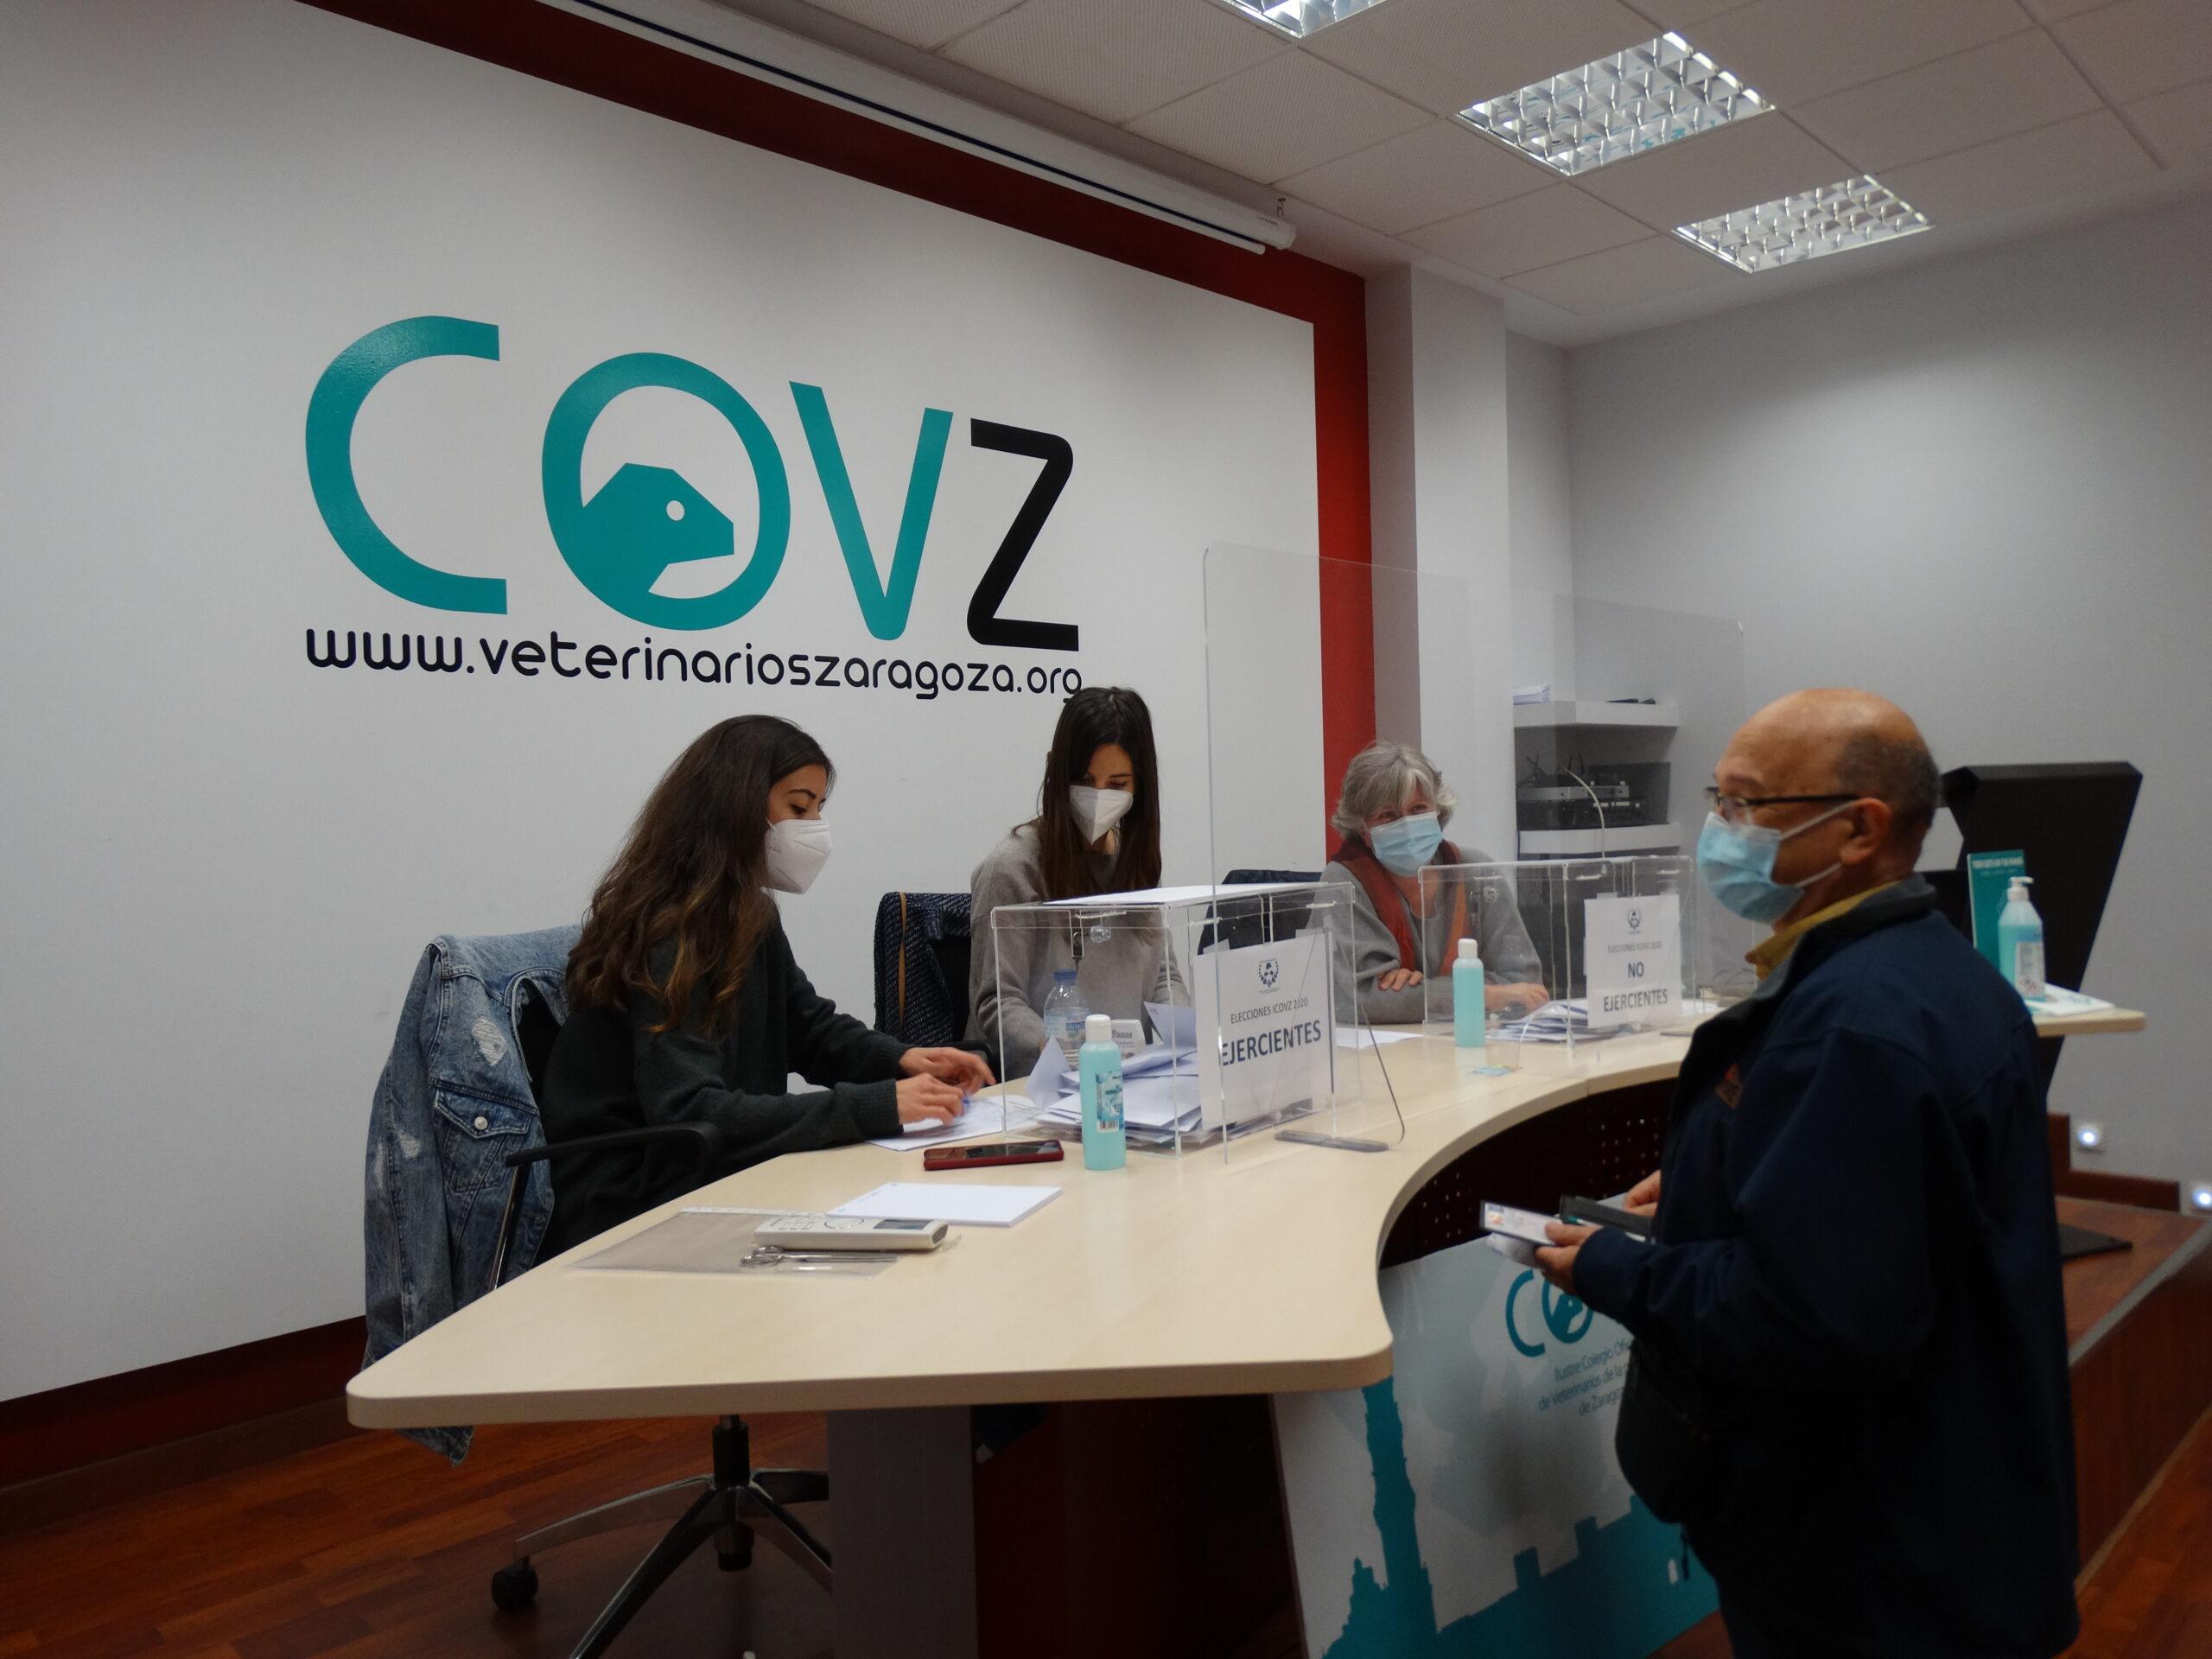 Elecciones_COVZ